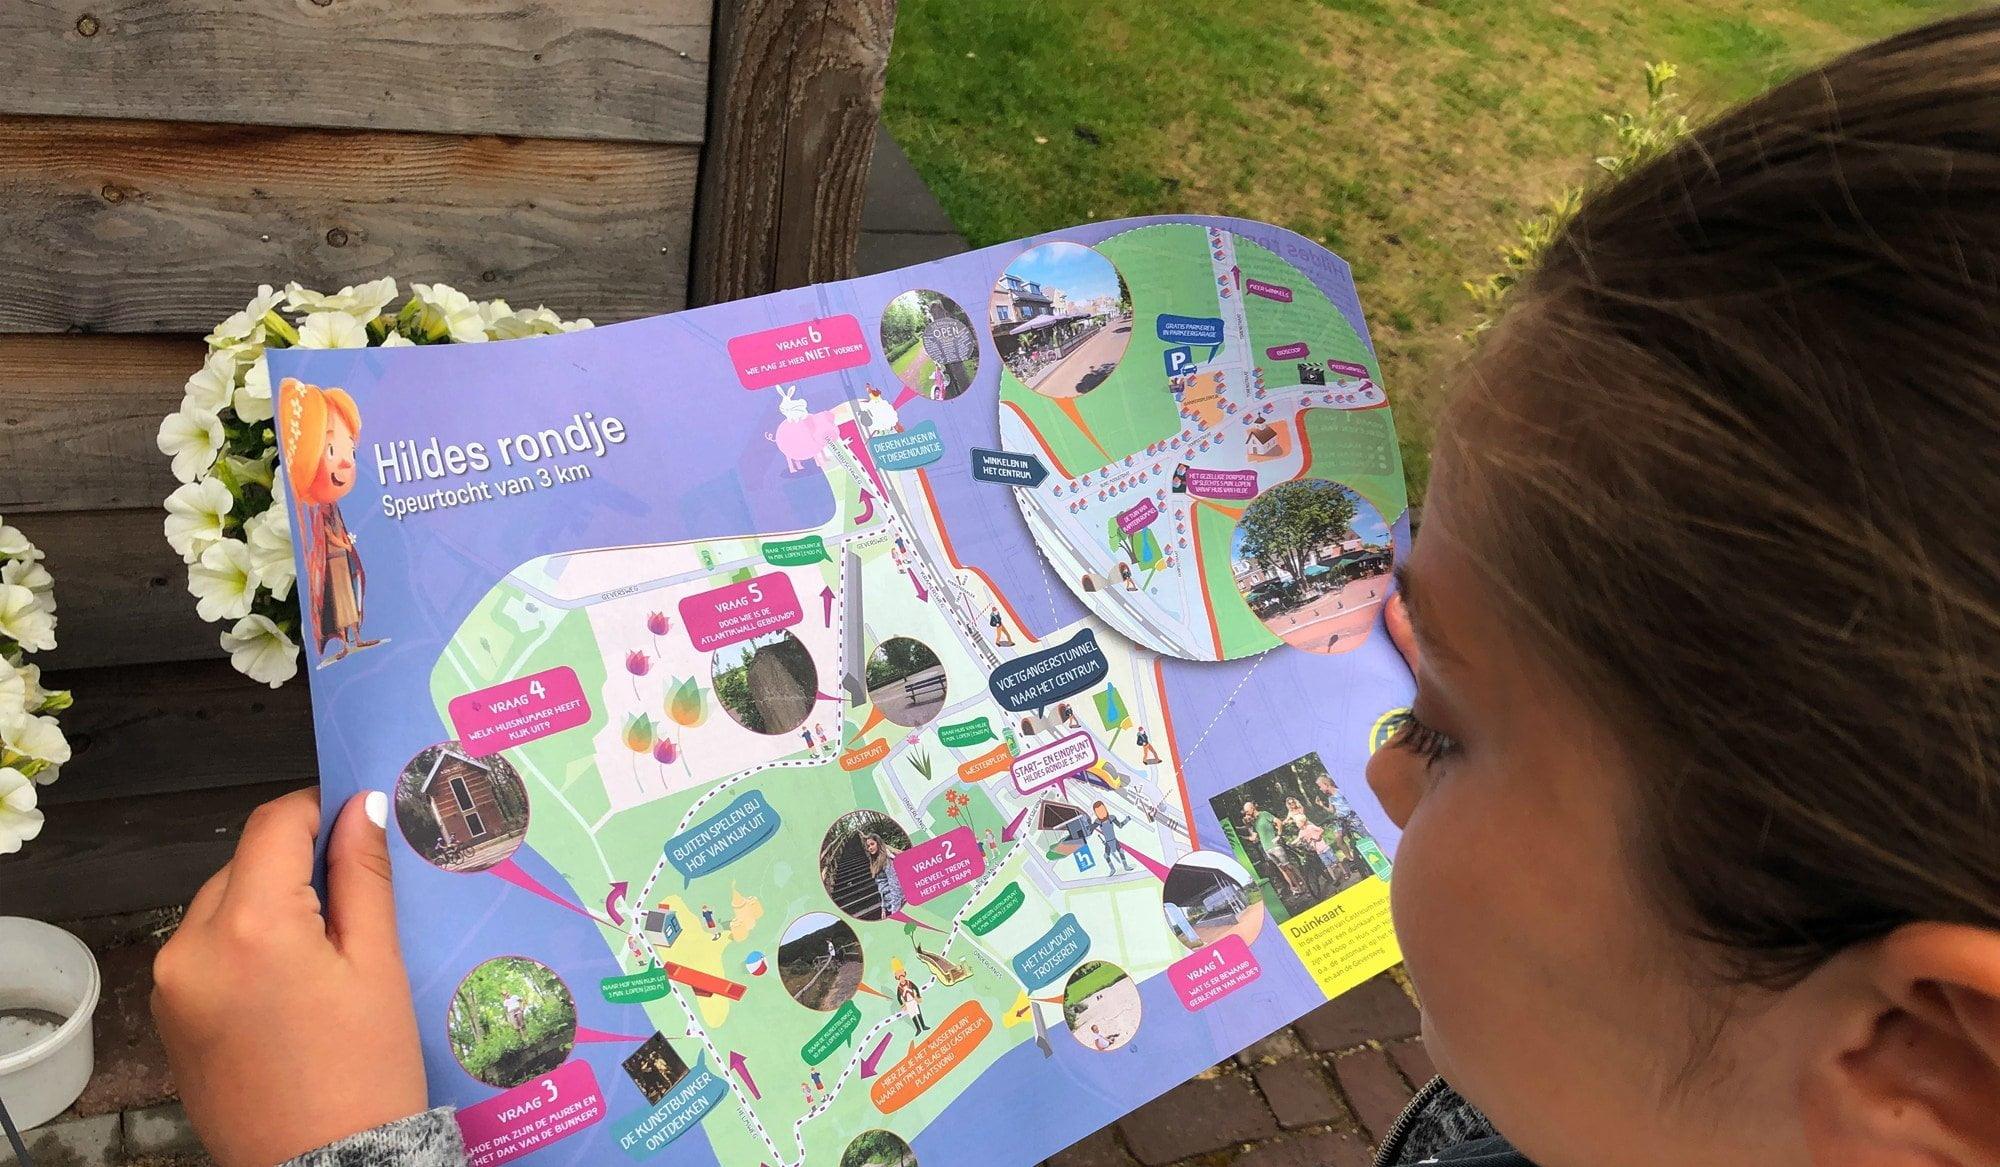 Voor liefhebbers route voor kids